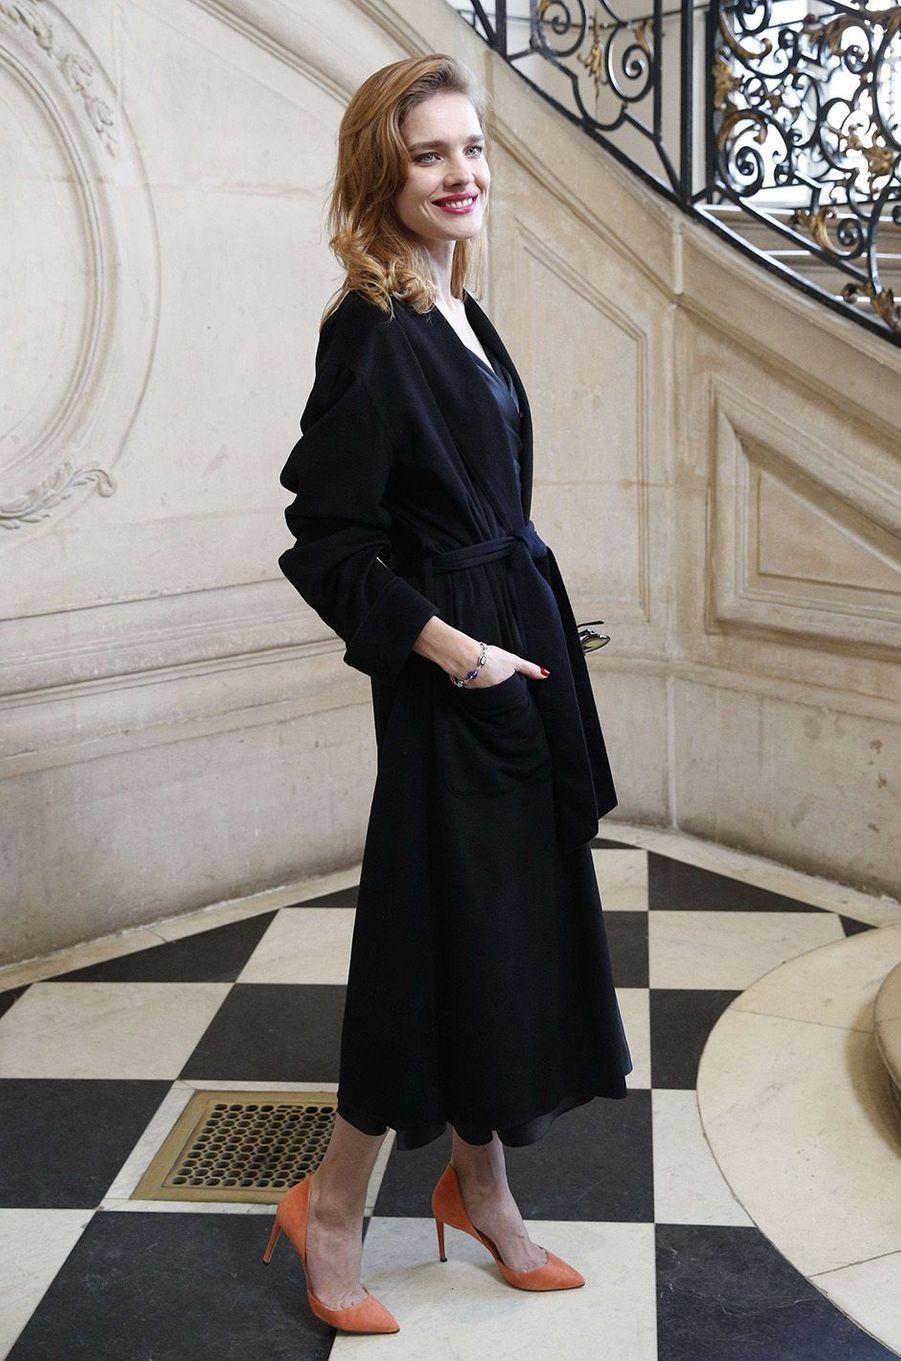 Natalia Vodianovaau défilé Christian Dior au musée Rodin, à Paris, le 22 janvier 2018.